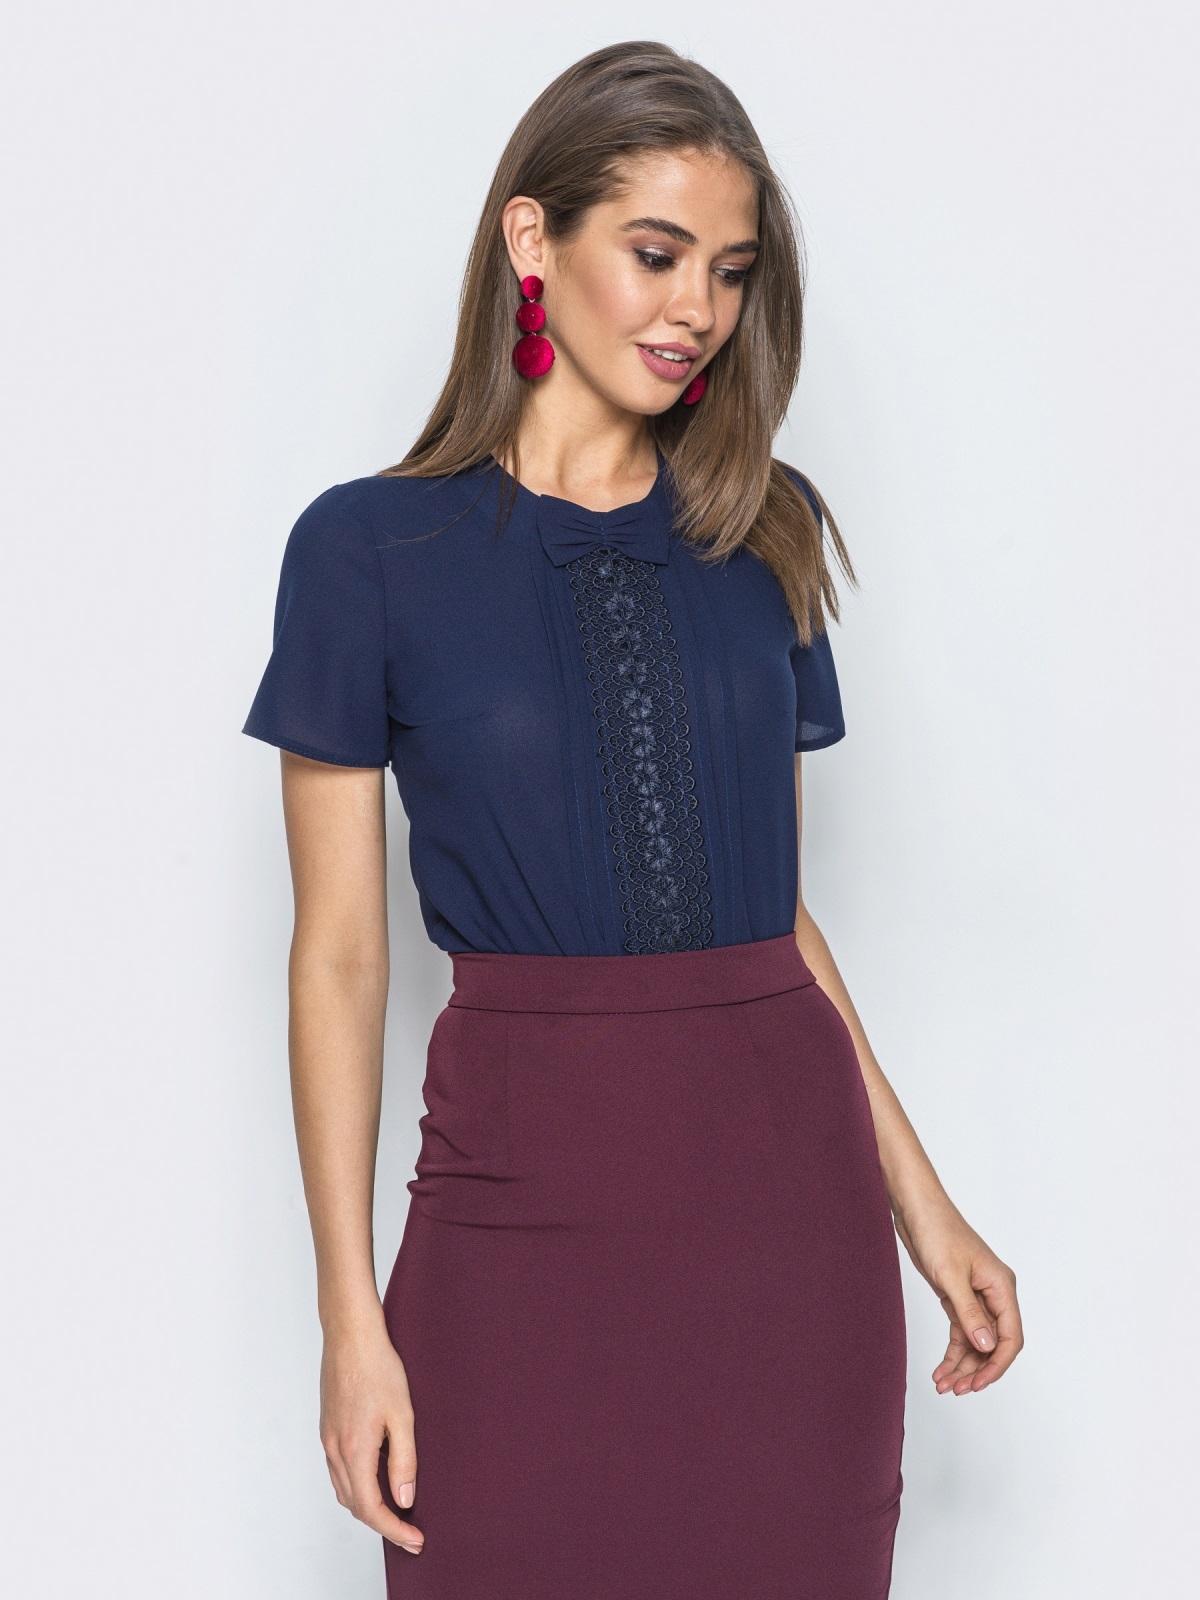 Блузка с кружевом на полочке и бантом тёмно-синяя 14178, фото 1